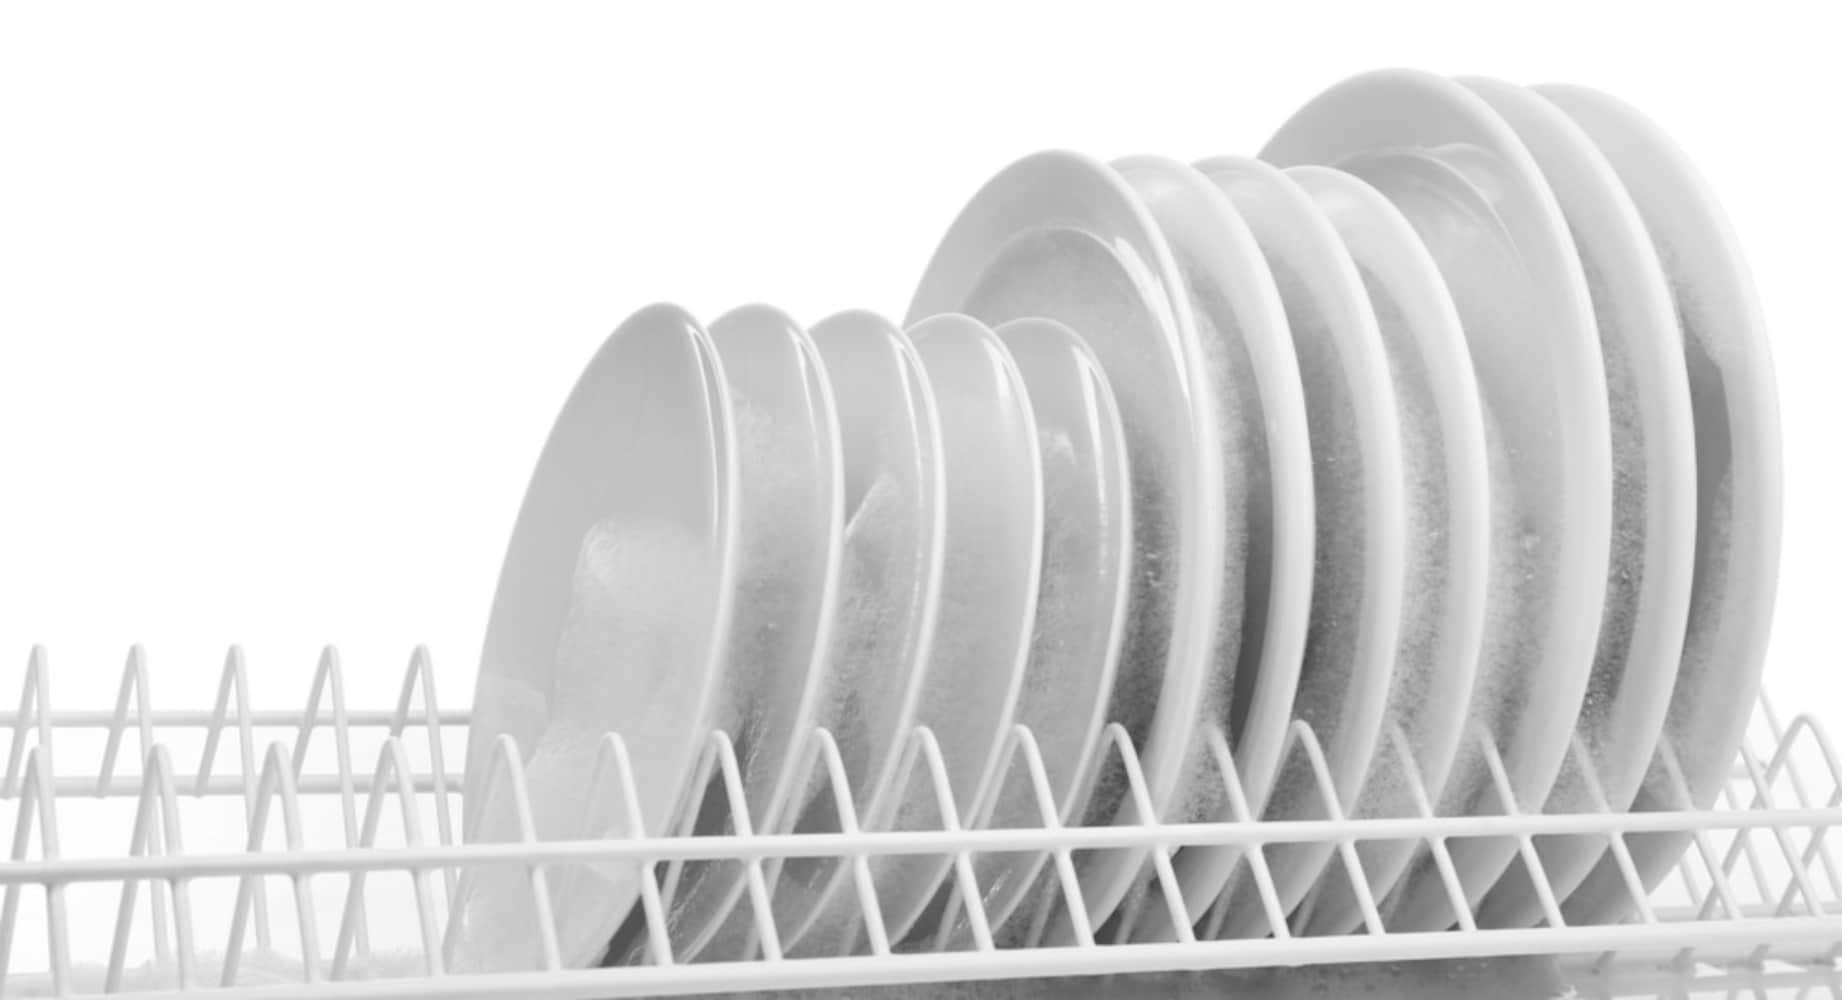 容量|自宅の食器が表記数通り入るかを確認